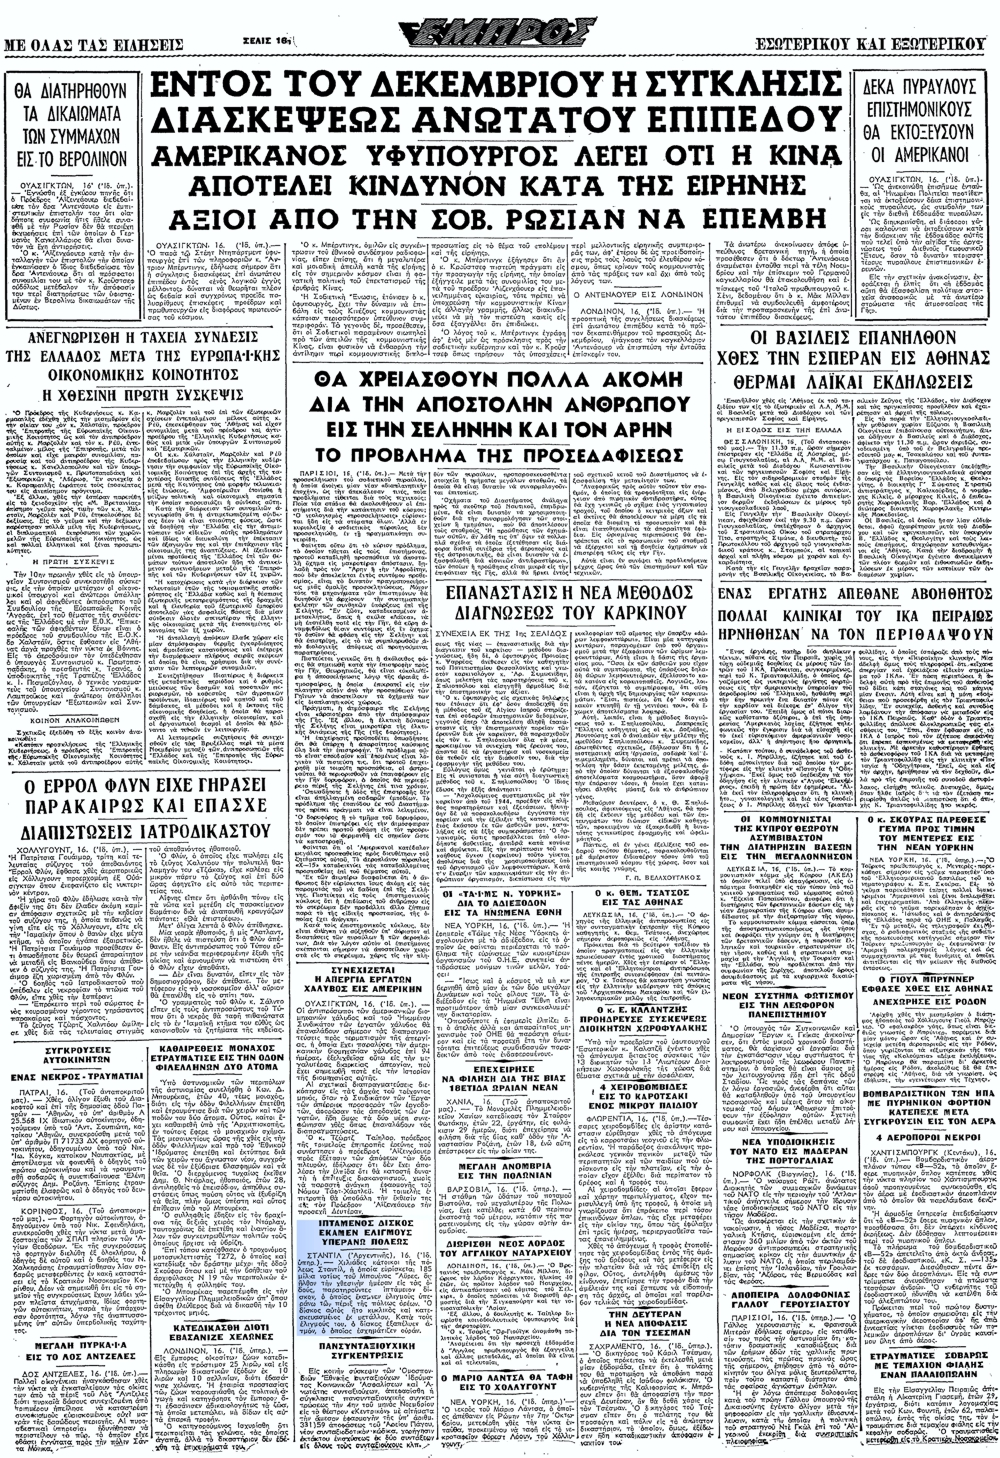 """Το άρθρο, όπως δημοσιεύθηκε στην εφημερίδα """"ΕΜΠΡΟΣ"""", στις 17/10/1969"""